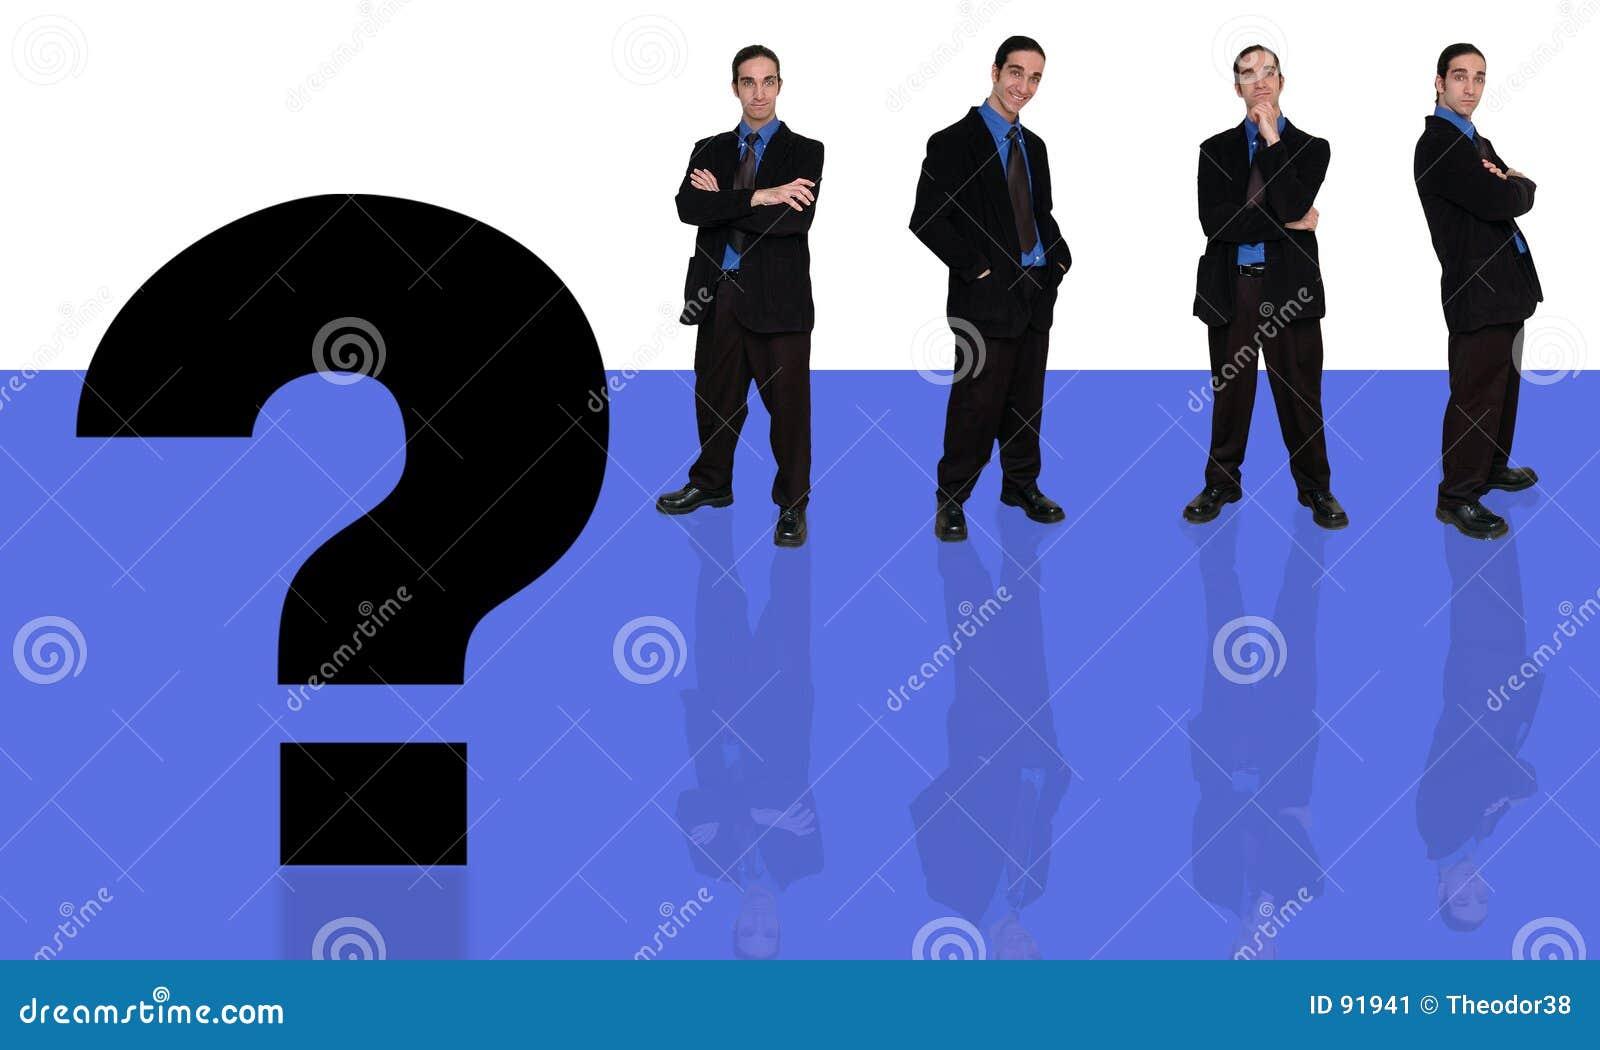 вопрос о 6 бизнесменов